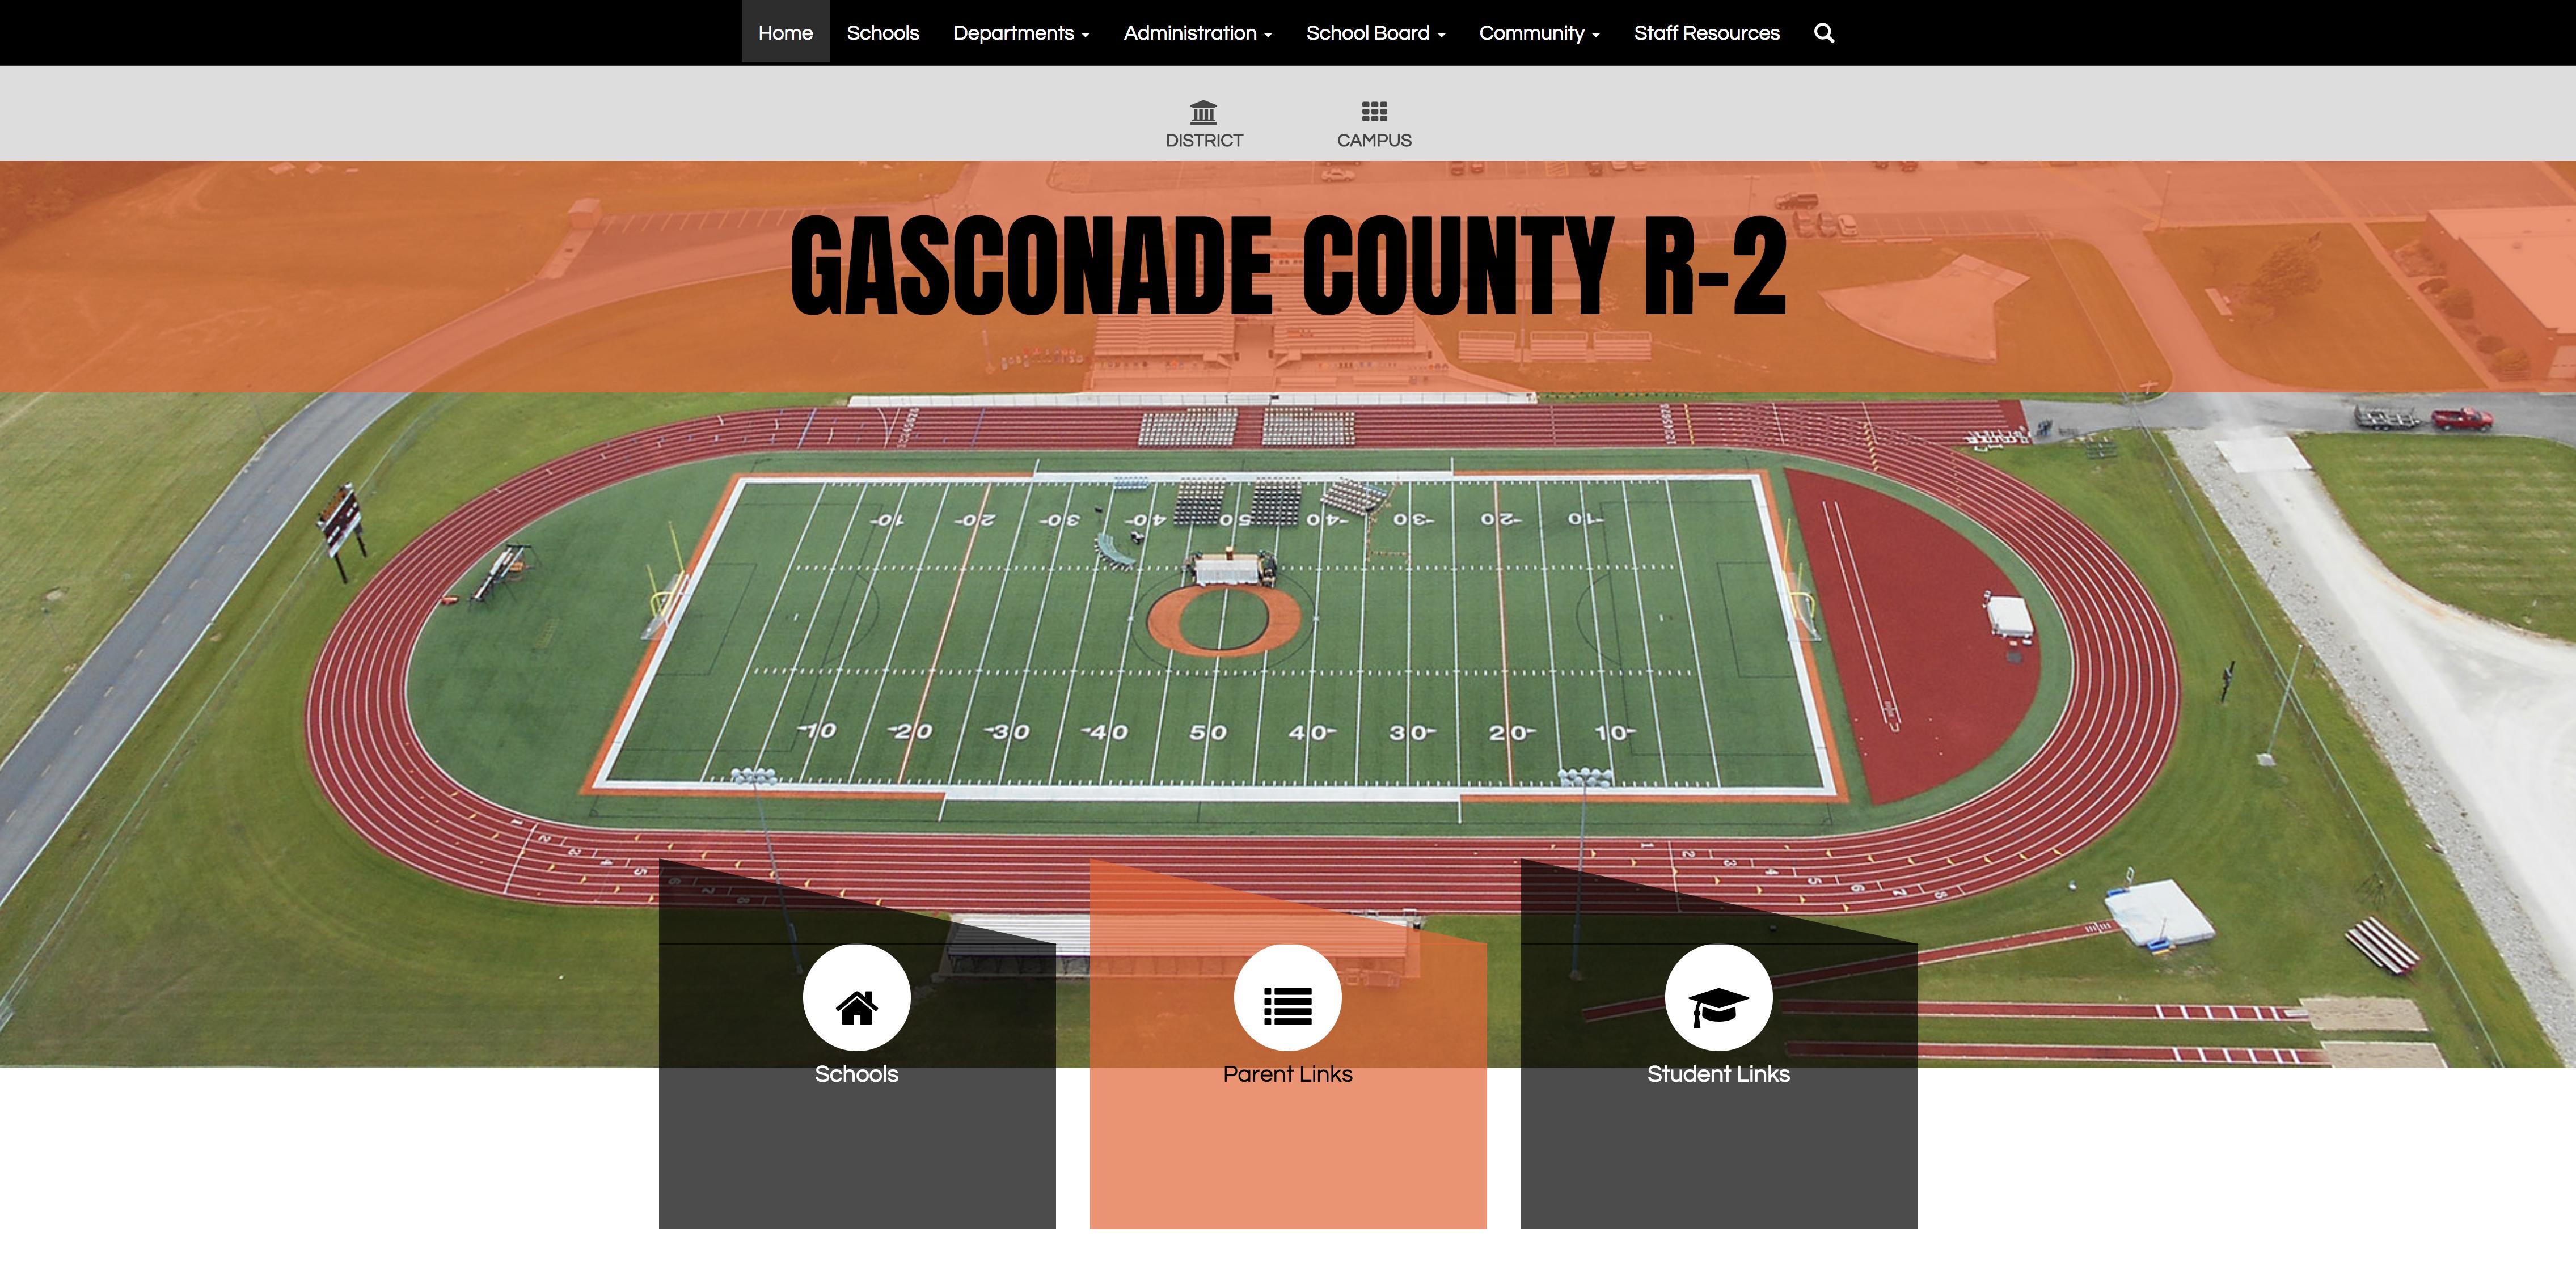 Gasconade County R-2